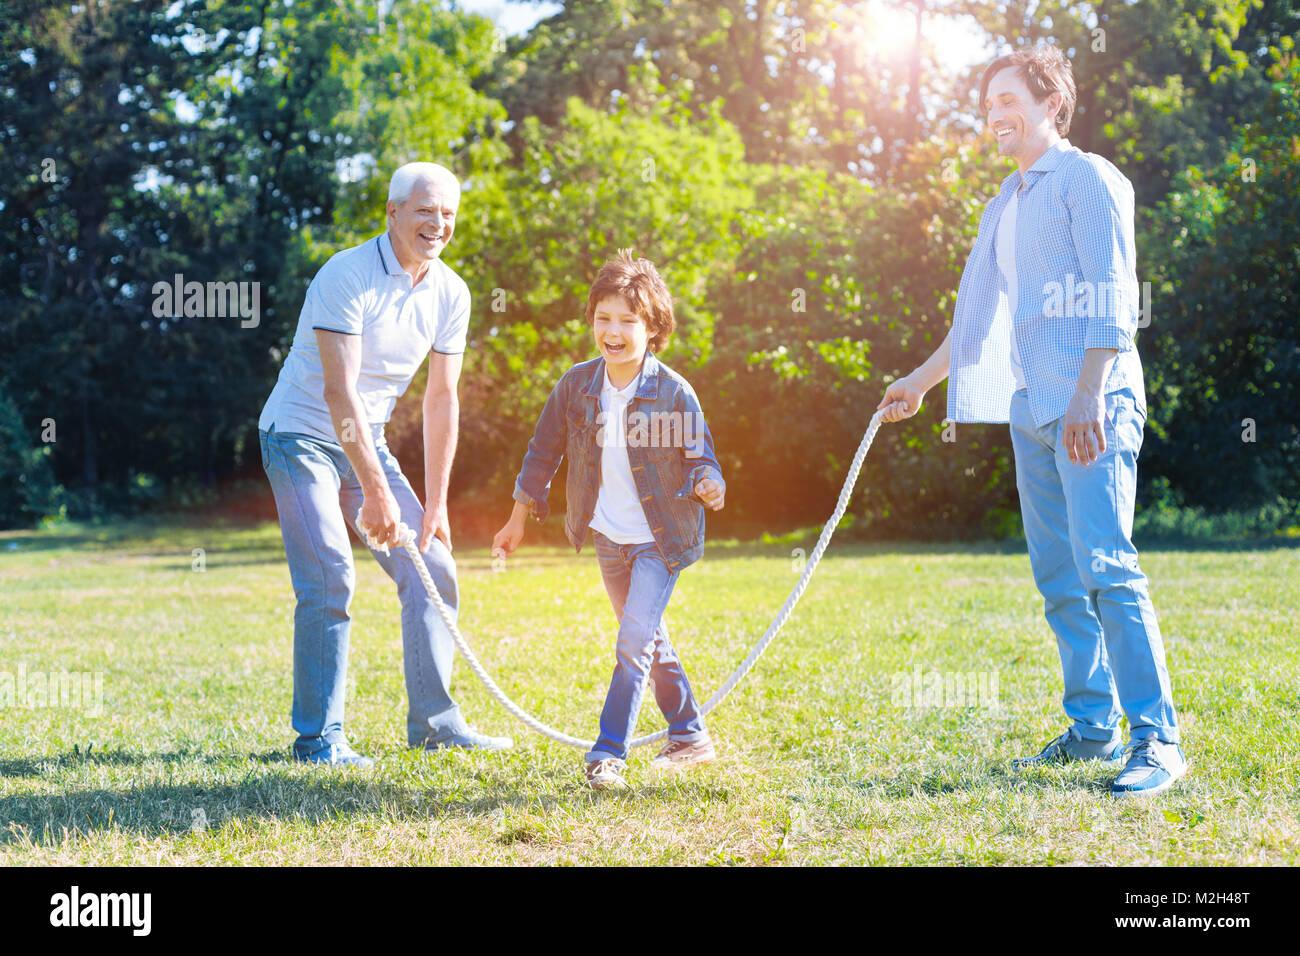 Familia multigeneracionales radiante divirtiéndose con saltar la cuerda Foto de stock